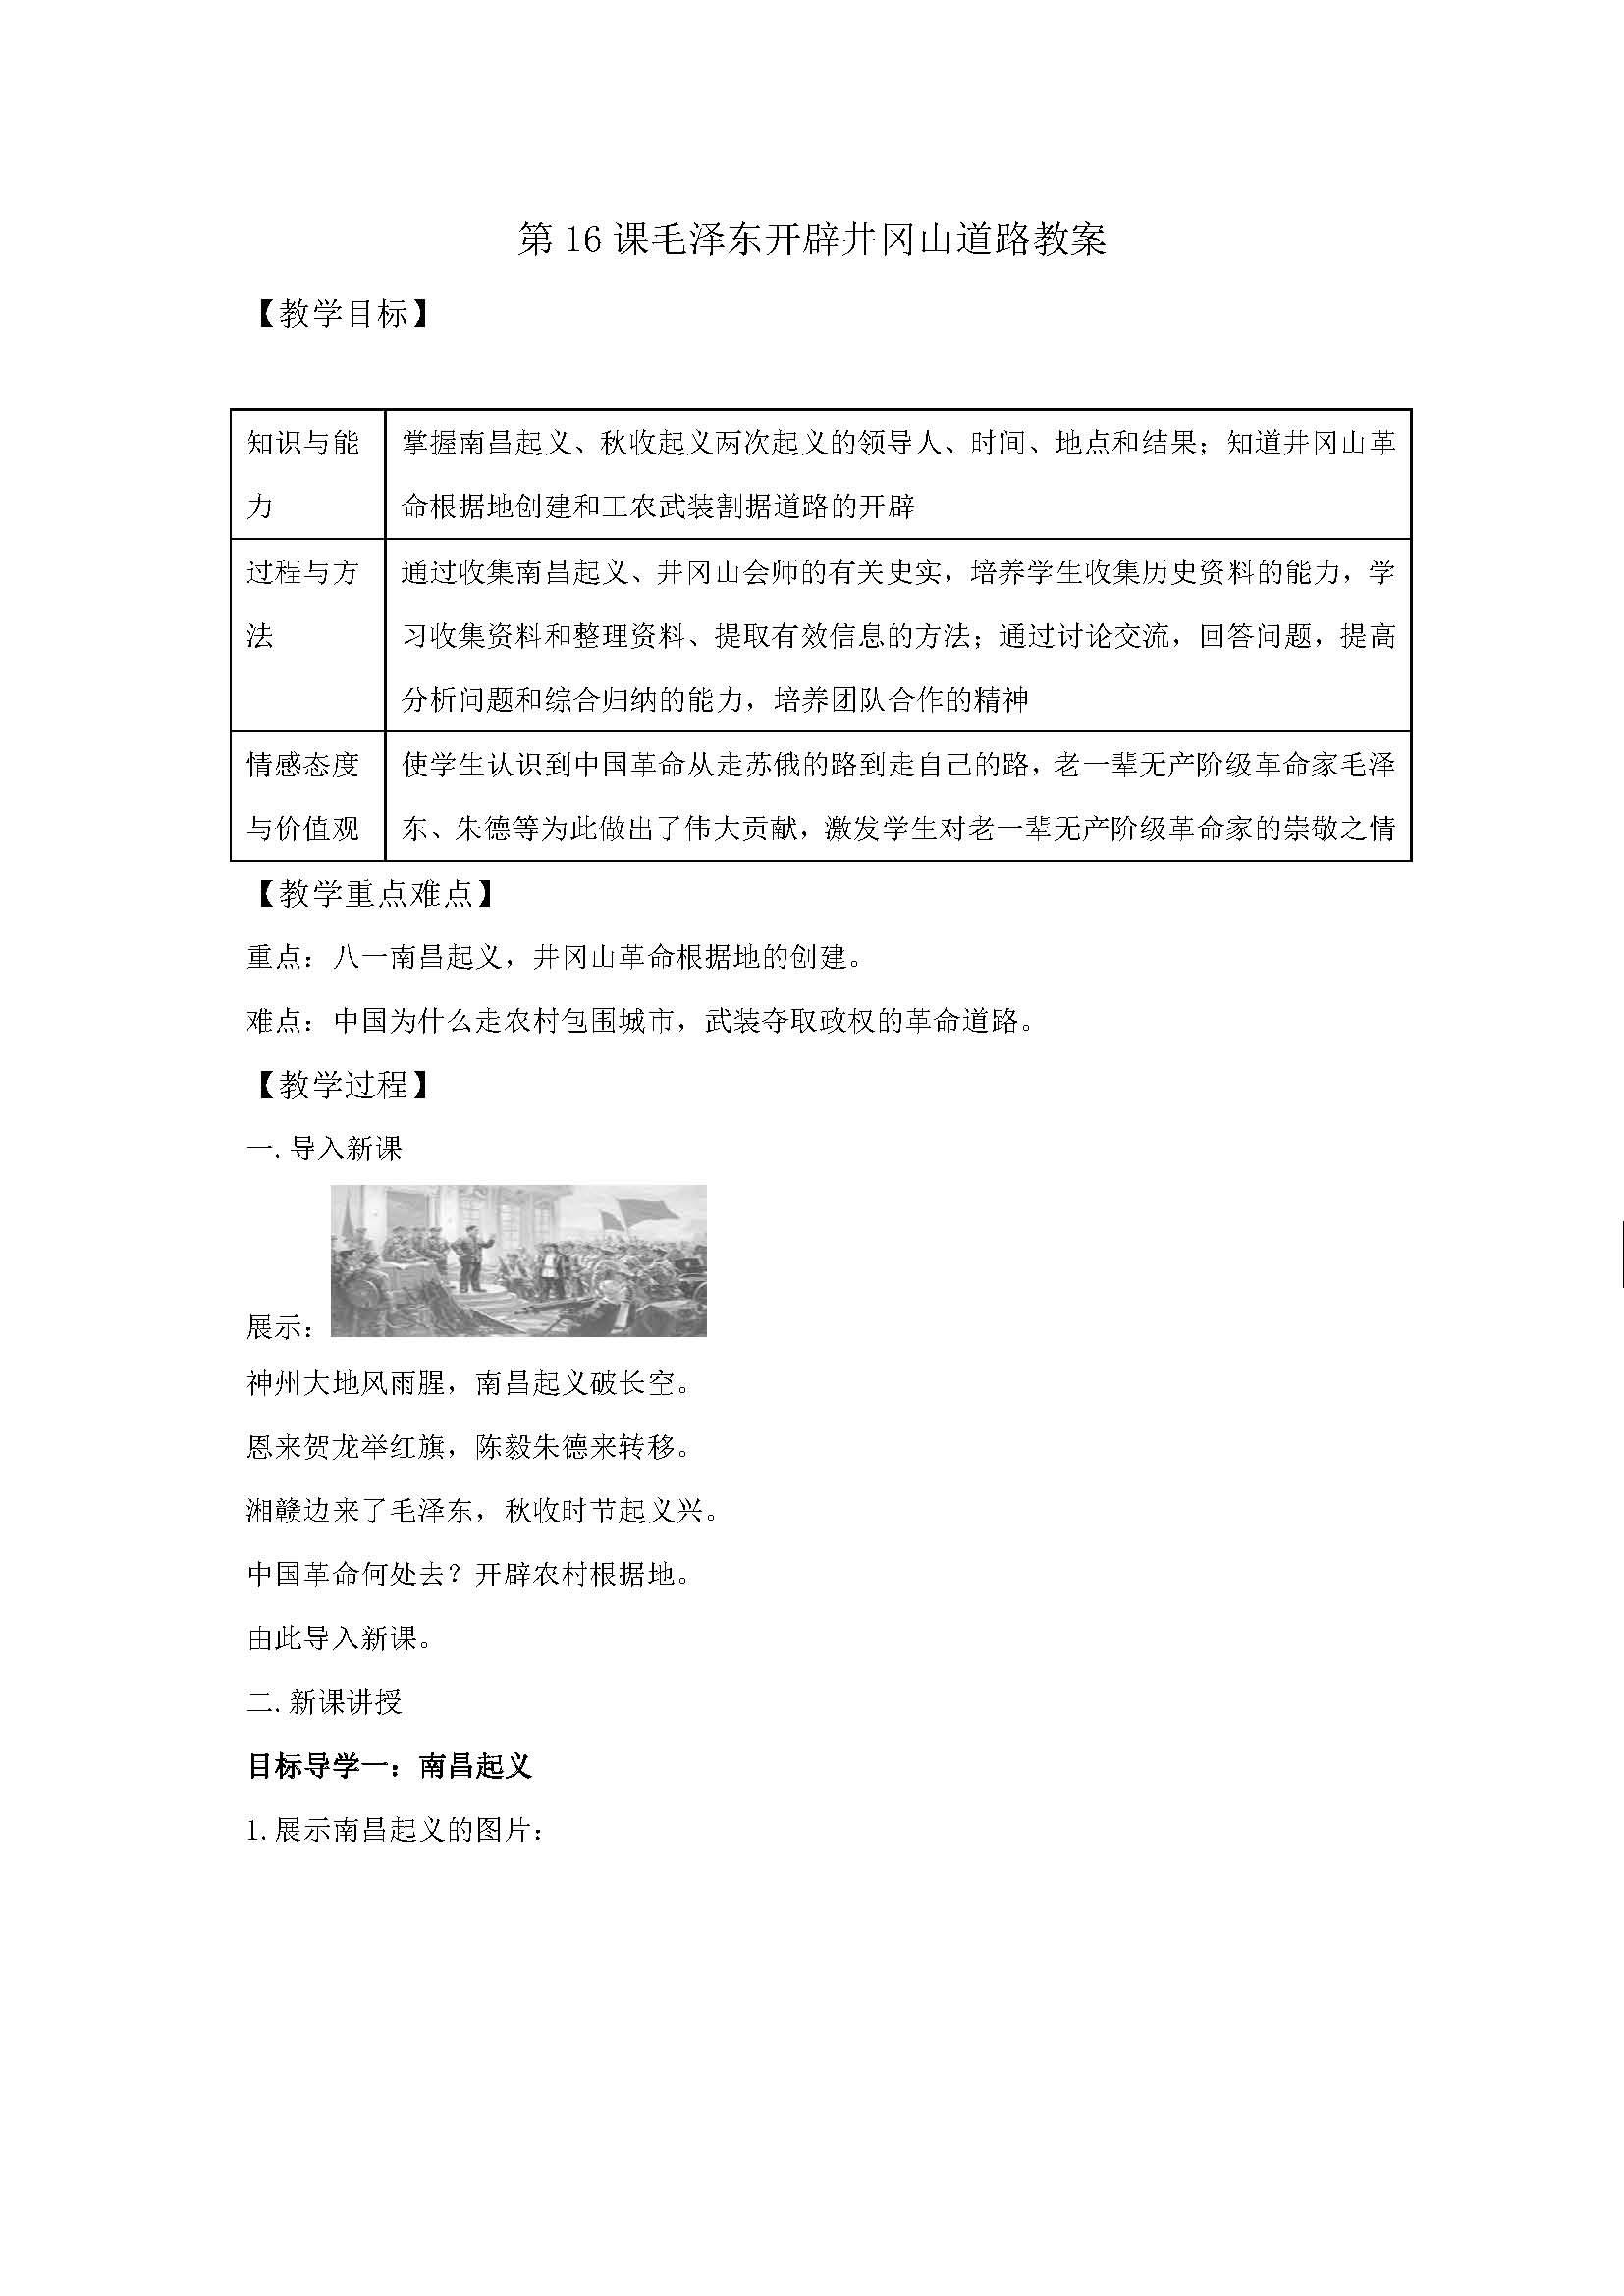 人教版初二上历史教案第16课毛泽东开辟井冈山道路